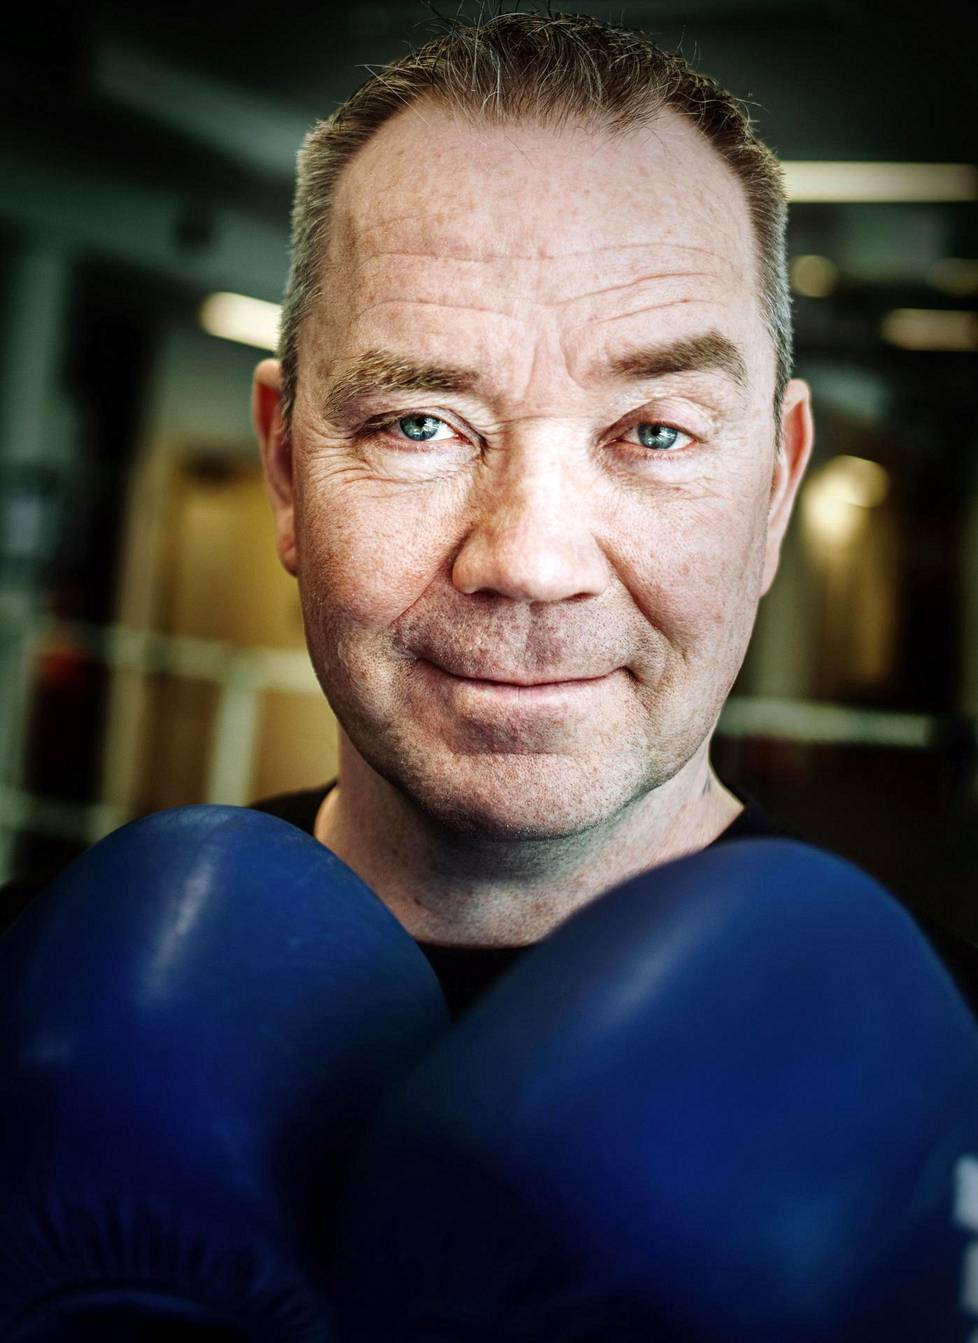 Petri Eriksson ei ole elämälle katkera. Tosiasioille ei voi mitään, mutta olivat lähtökohdat mitkä tahansa, aina voi onnistua.